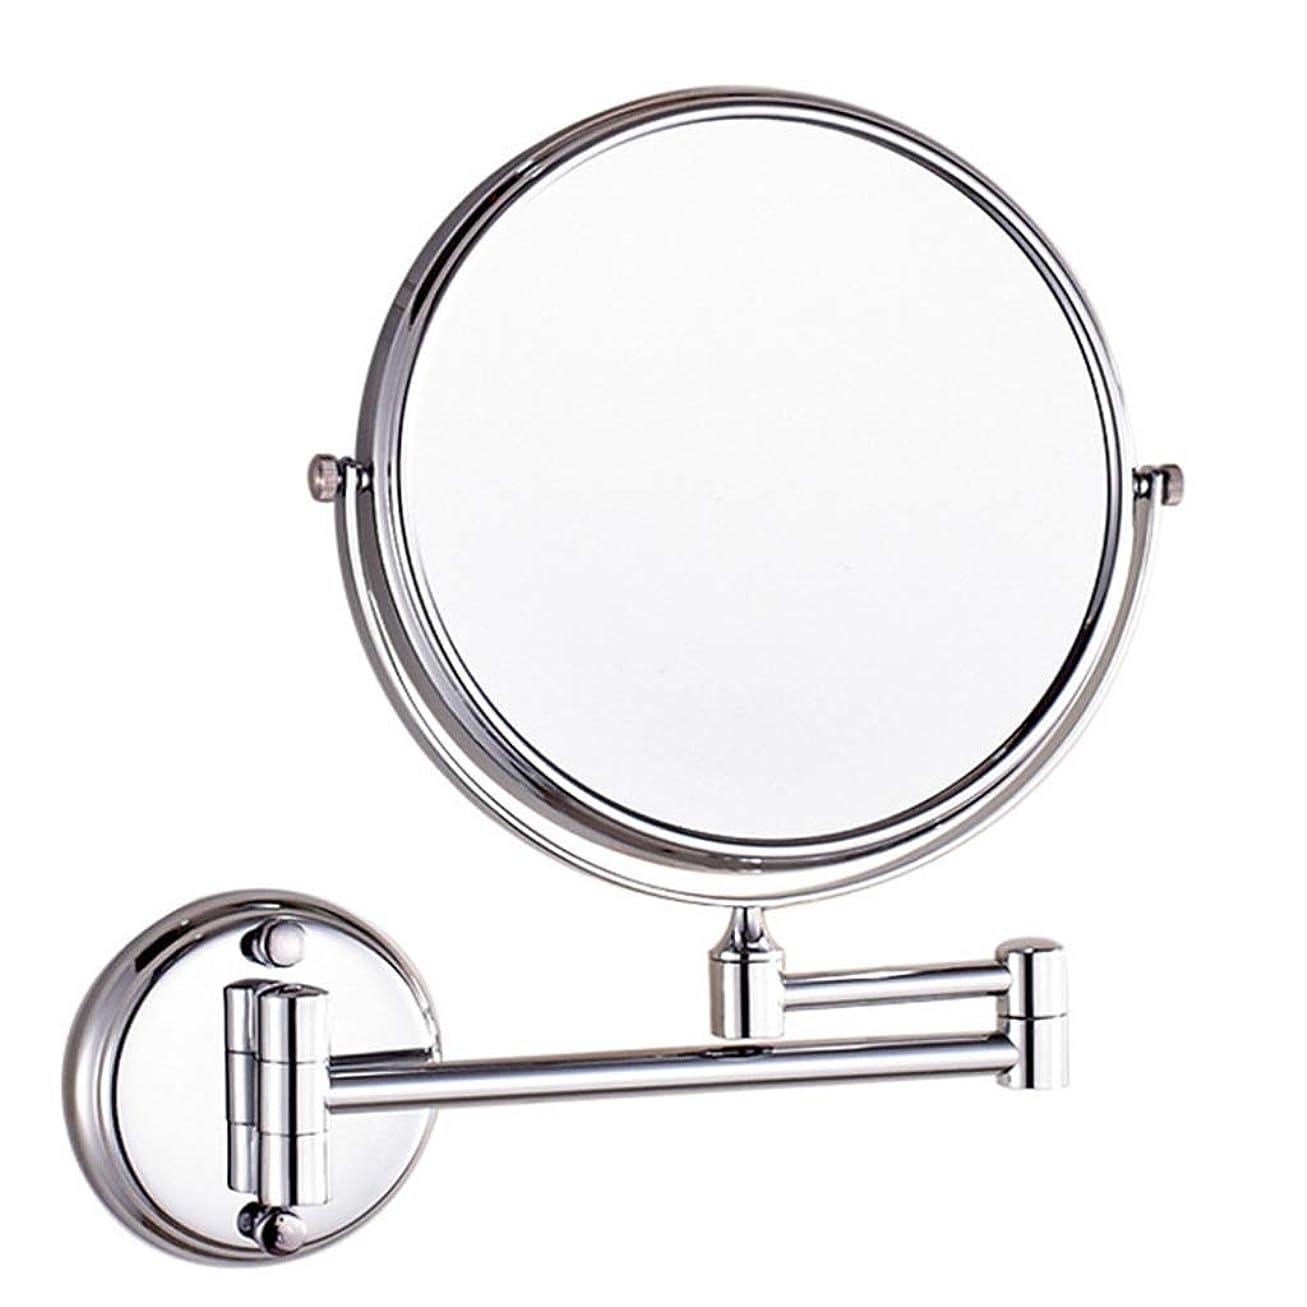 前投薬月爆発物HUYYA シェービングミラー バスルームメイクアップミラー 壁付、バニティミラー 3 倍拡大鏡 化粧鏡 丸め 折りたたみ 寝室や浴室に適しています,Silver_6inch